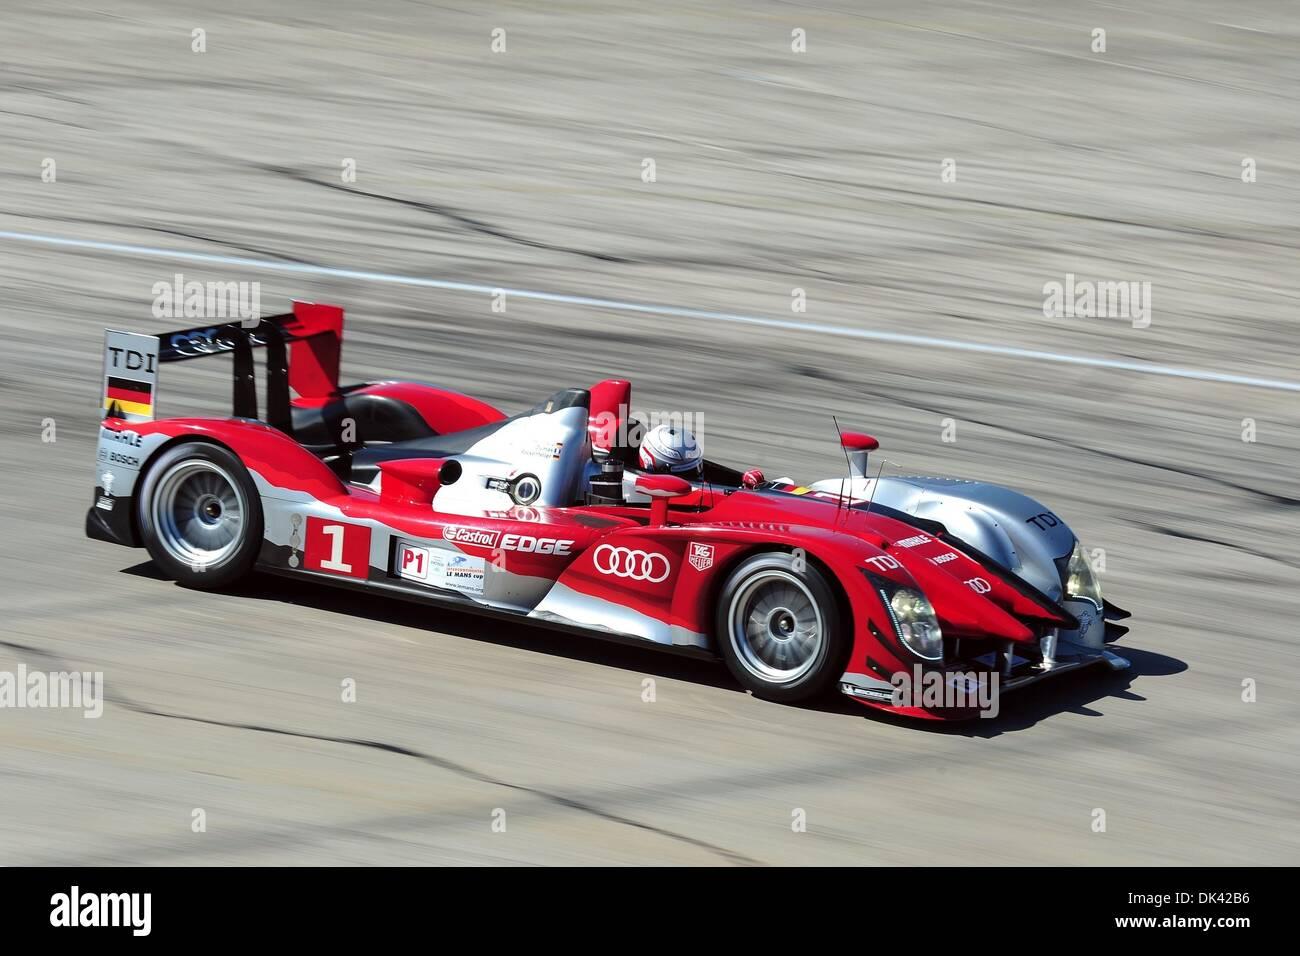 18. März 2011 - treibt Sebring, Florida, USA - Audi Sport Fahrer ROMAIN DUMAS, Frankreich, die R15 Plus während des Trainings für die 12 Stunden von Sebring. (Kredit-Bild: © Rainier Ehrhardt/ZUMA Press/Rainier Ehrhardt) Stockbild